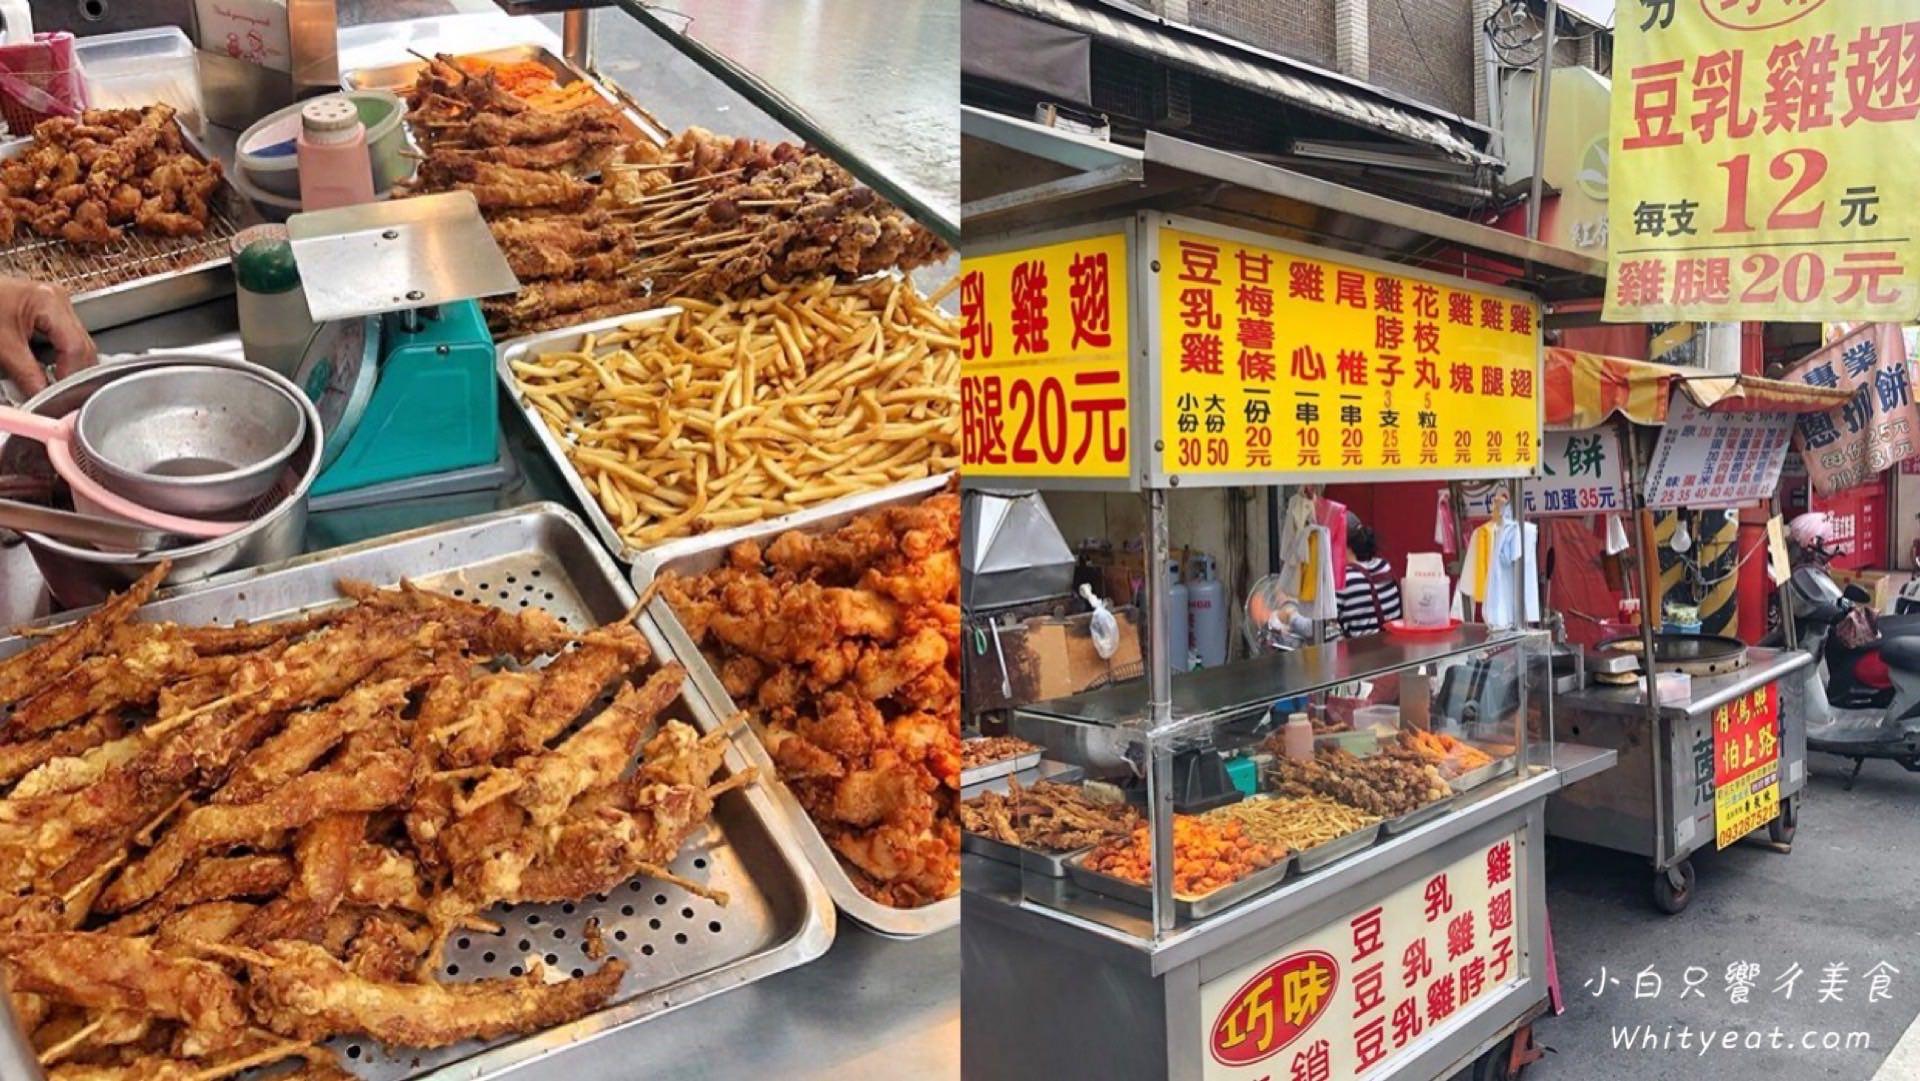 【永康美食】巧味豆乳雞 大灣市場必吃美食!豆乳雞翅12元雞腿也才20元 便宜又好吃的銅板美食